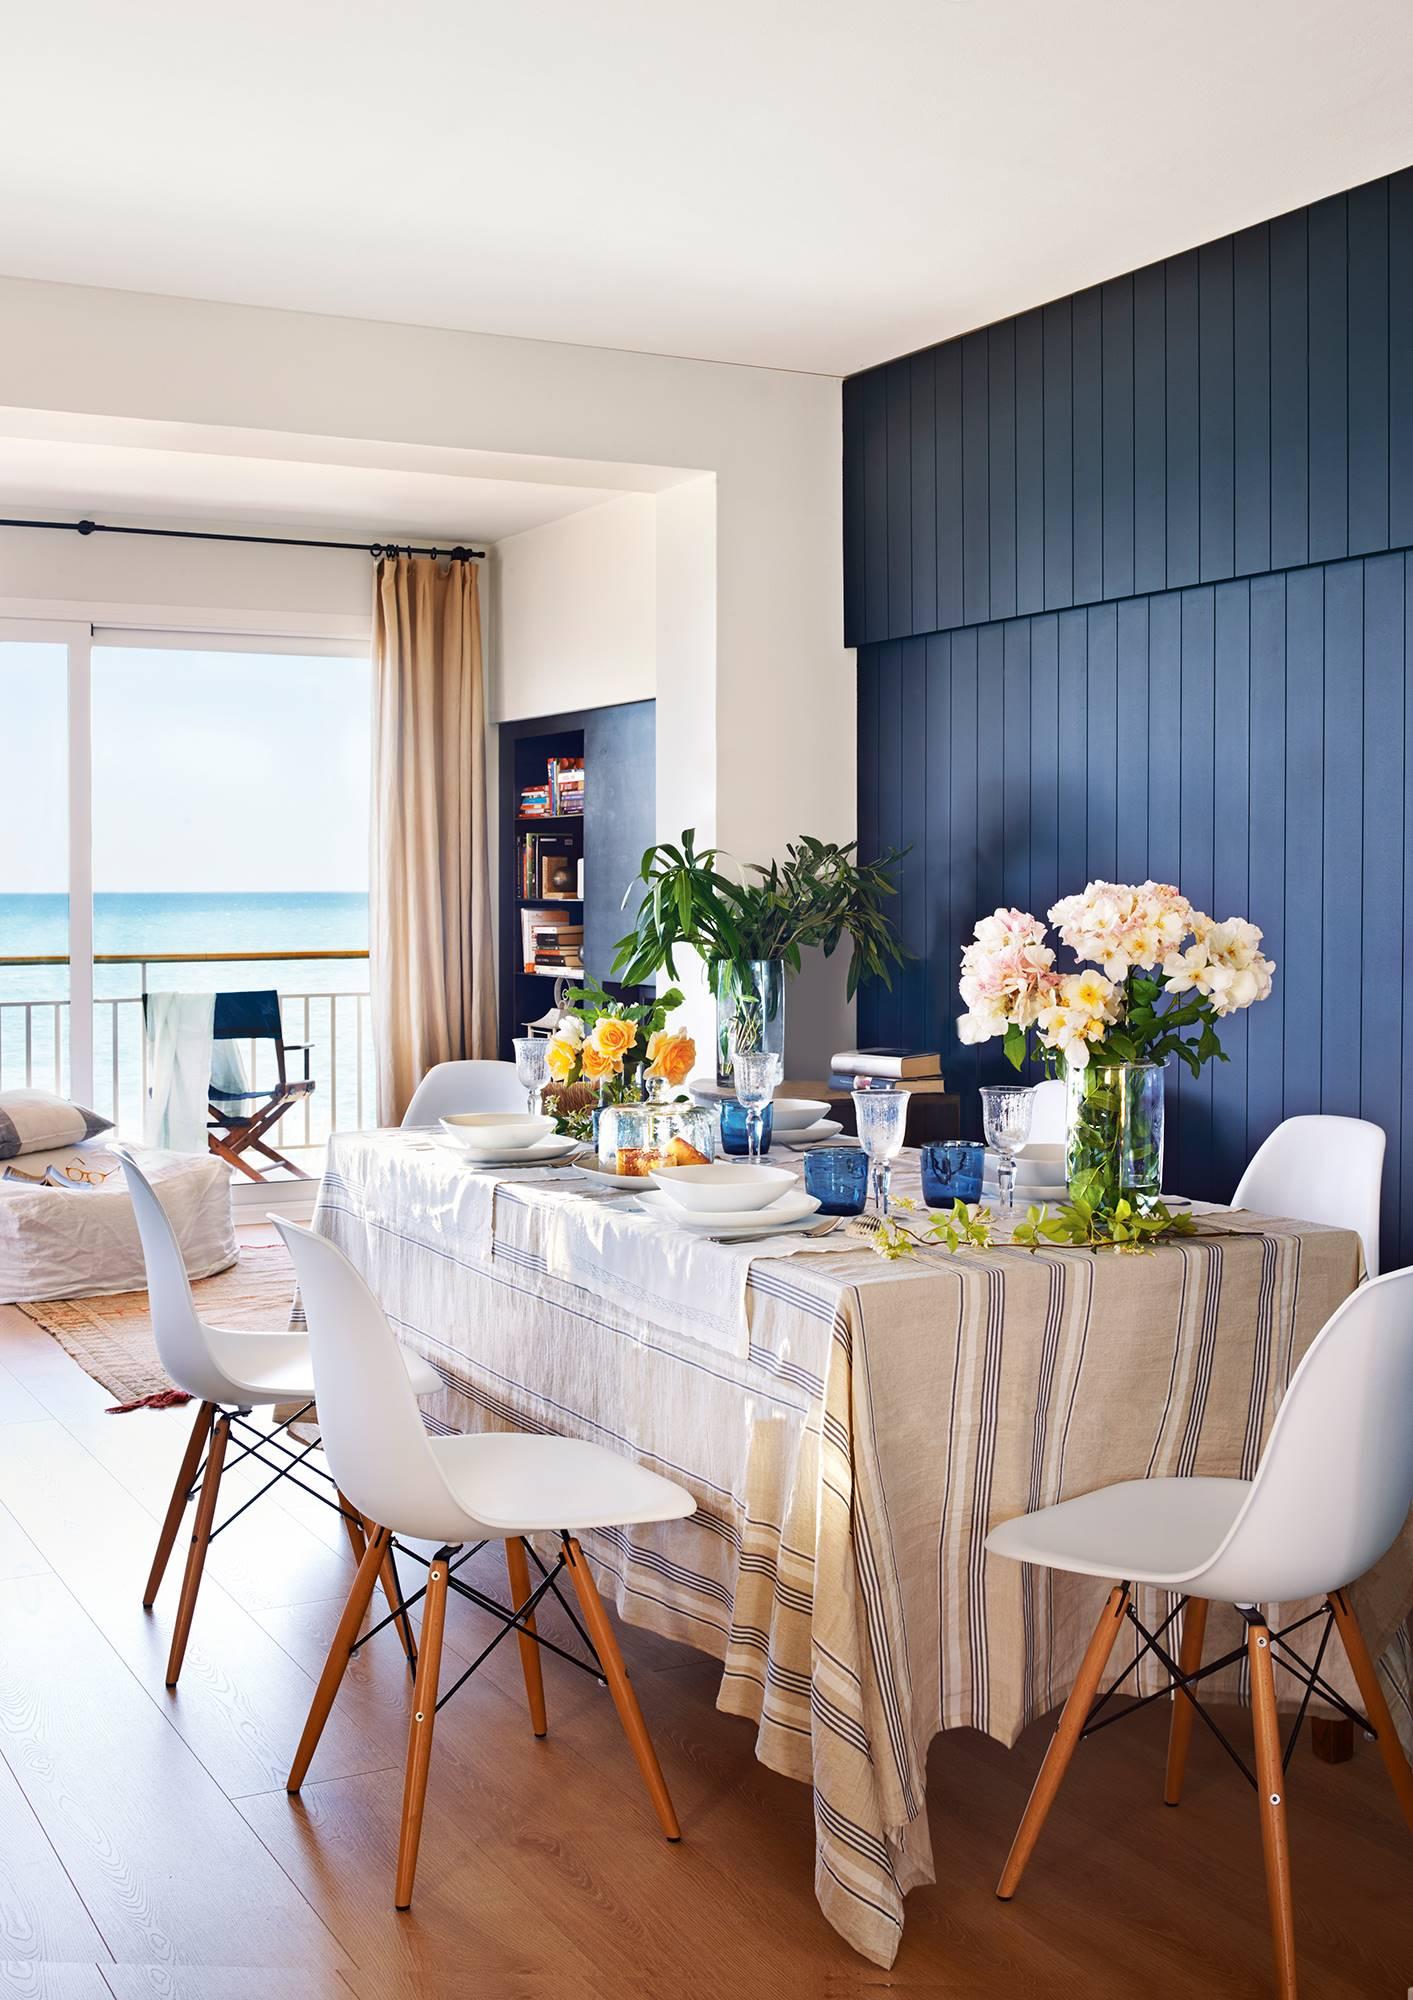 Comedor abierto al salón con pared revestida de lamas de madera en azul intenso_ 00407821. Tanto en azul intenso